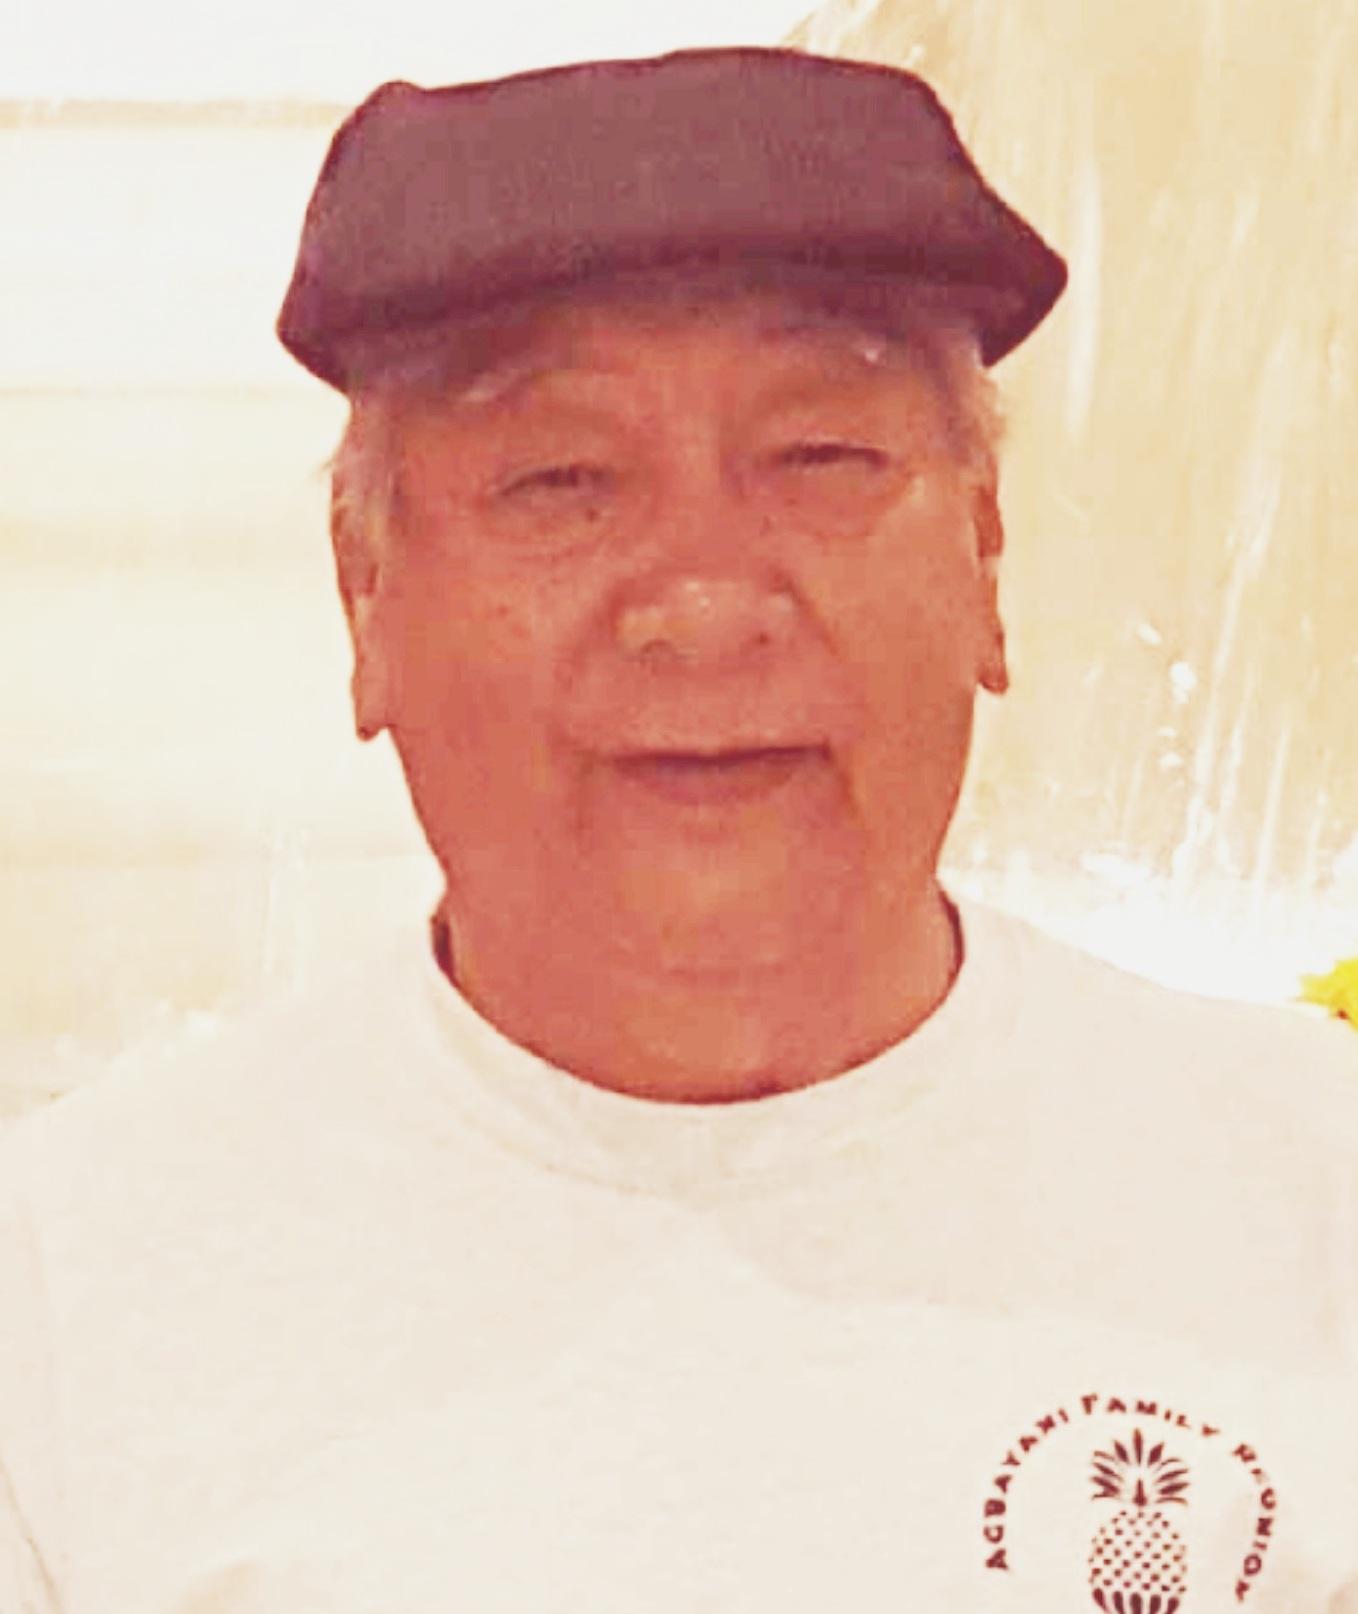 ROBERT A. AGBAYANI